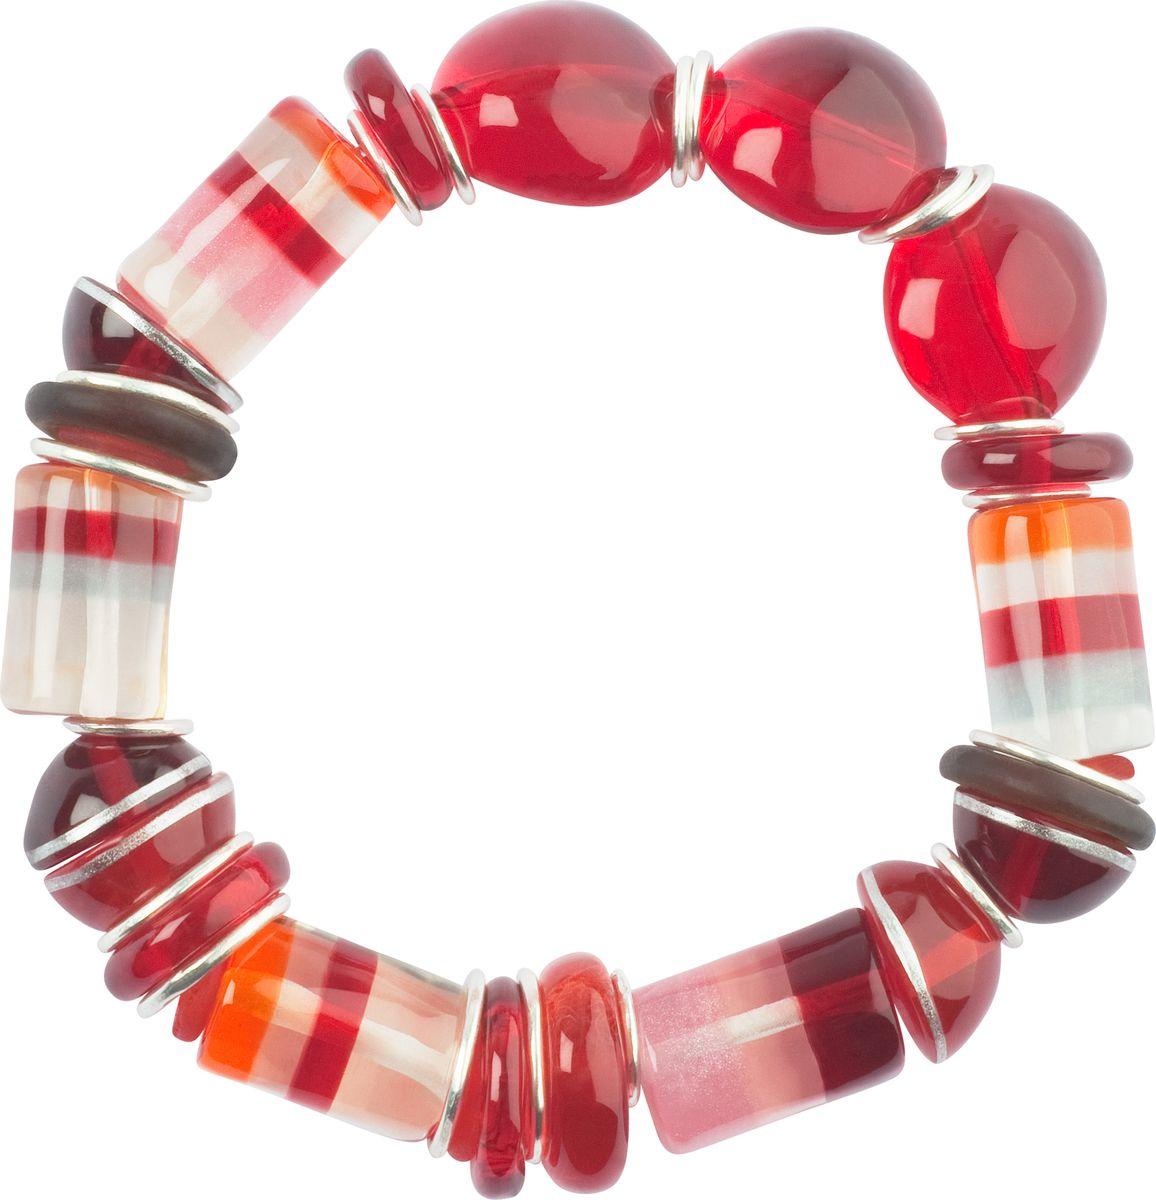 Браслет Lalo Treasures, цвет: красный, розовый. B2526/2B2526/2Оригинальный браслет Lalo Treasures выполнен из ювелирной смолы и металлического сплава. Декоративные элементы собраны на эластичной резинке, с помощью которой браслет растягивается до необходимого размера. Стильное украшение поможет дополнить любой образ и привнести в него завершающий яркий штрих.